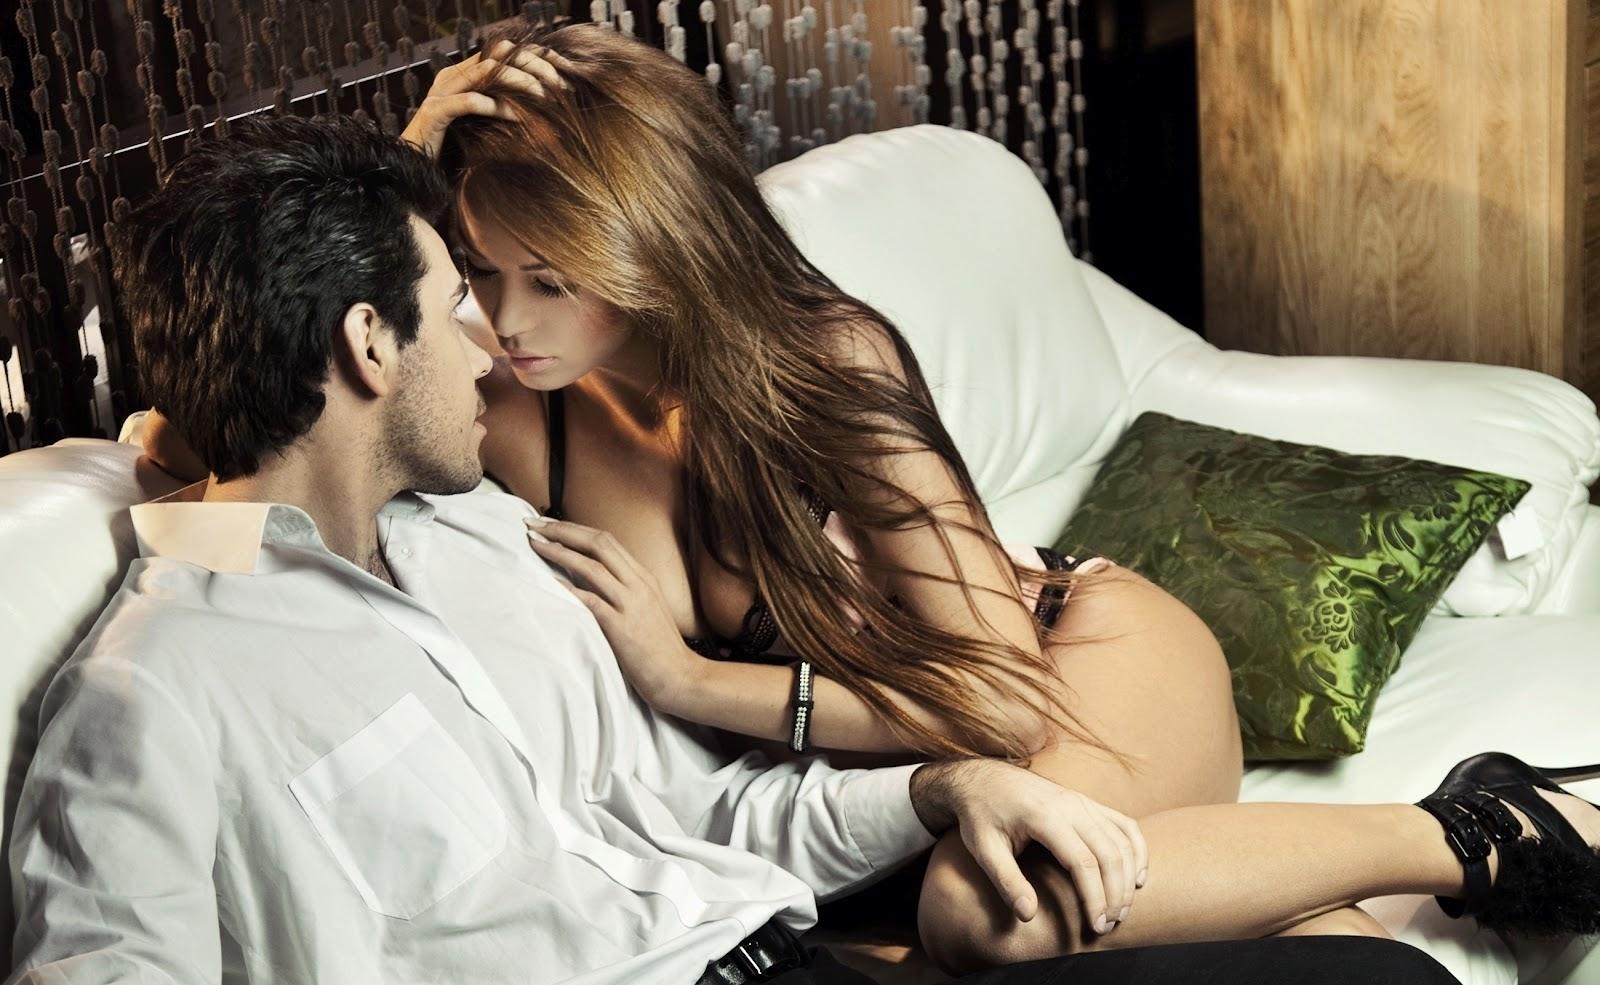 Секс переписка с мужчиной пример 25 фотография